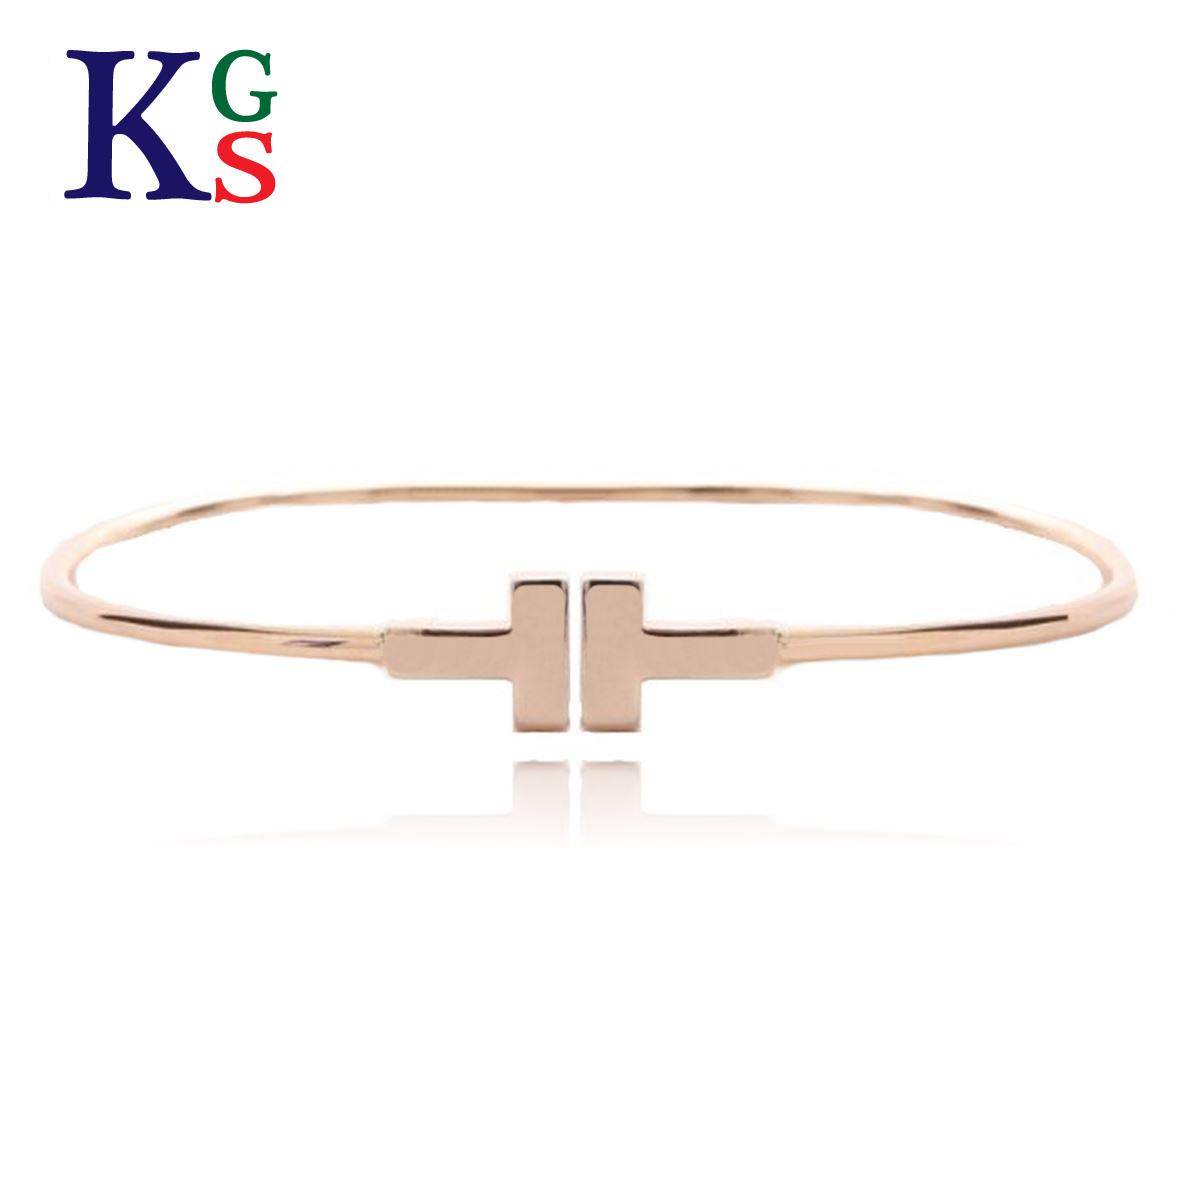 【ギフト品質】ティファニー/Tiffany&co T ナロー ワイヤー ブレスレット バングル K18PG ピンクゴールド レディース